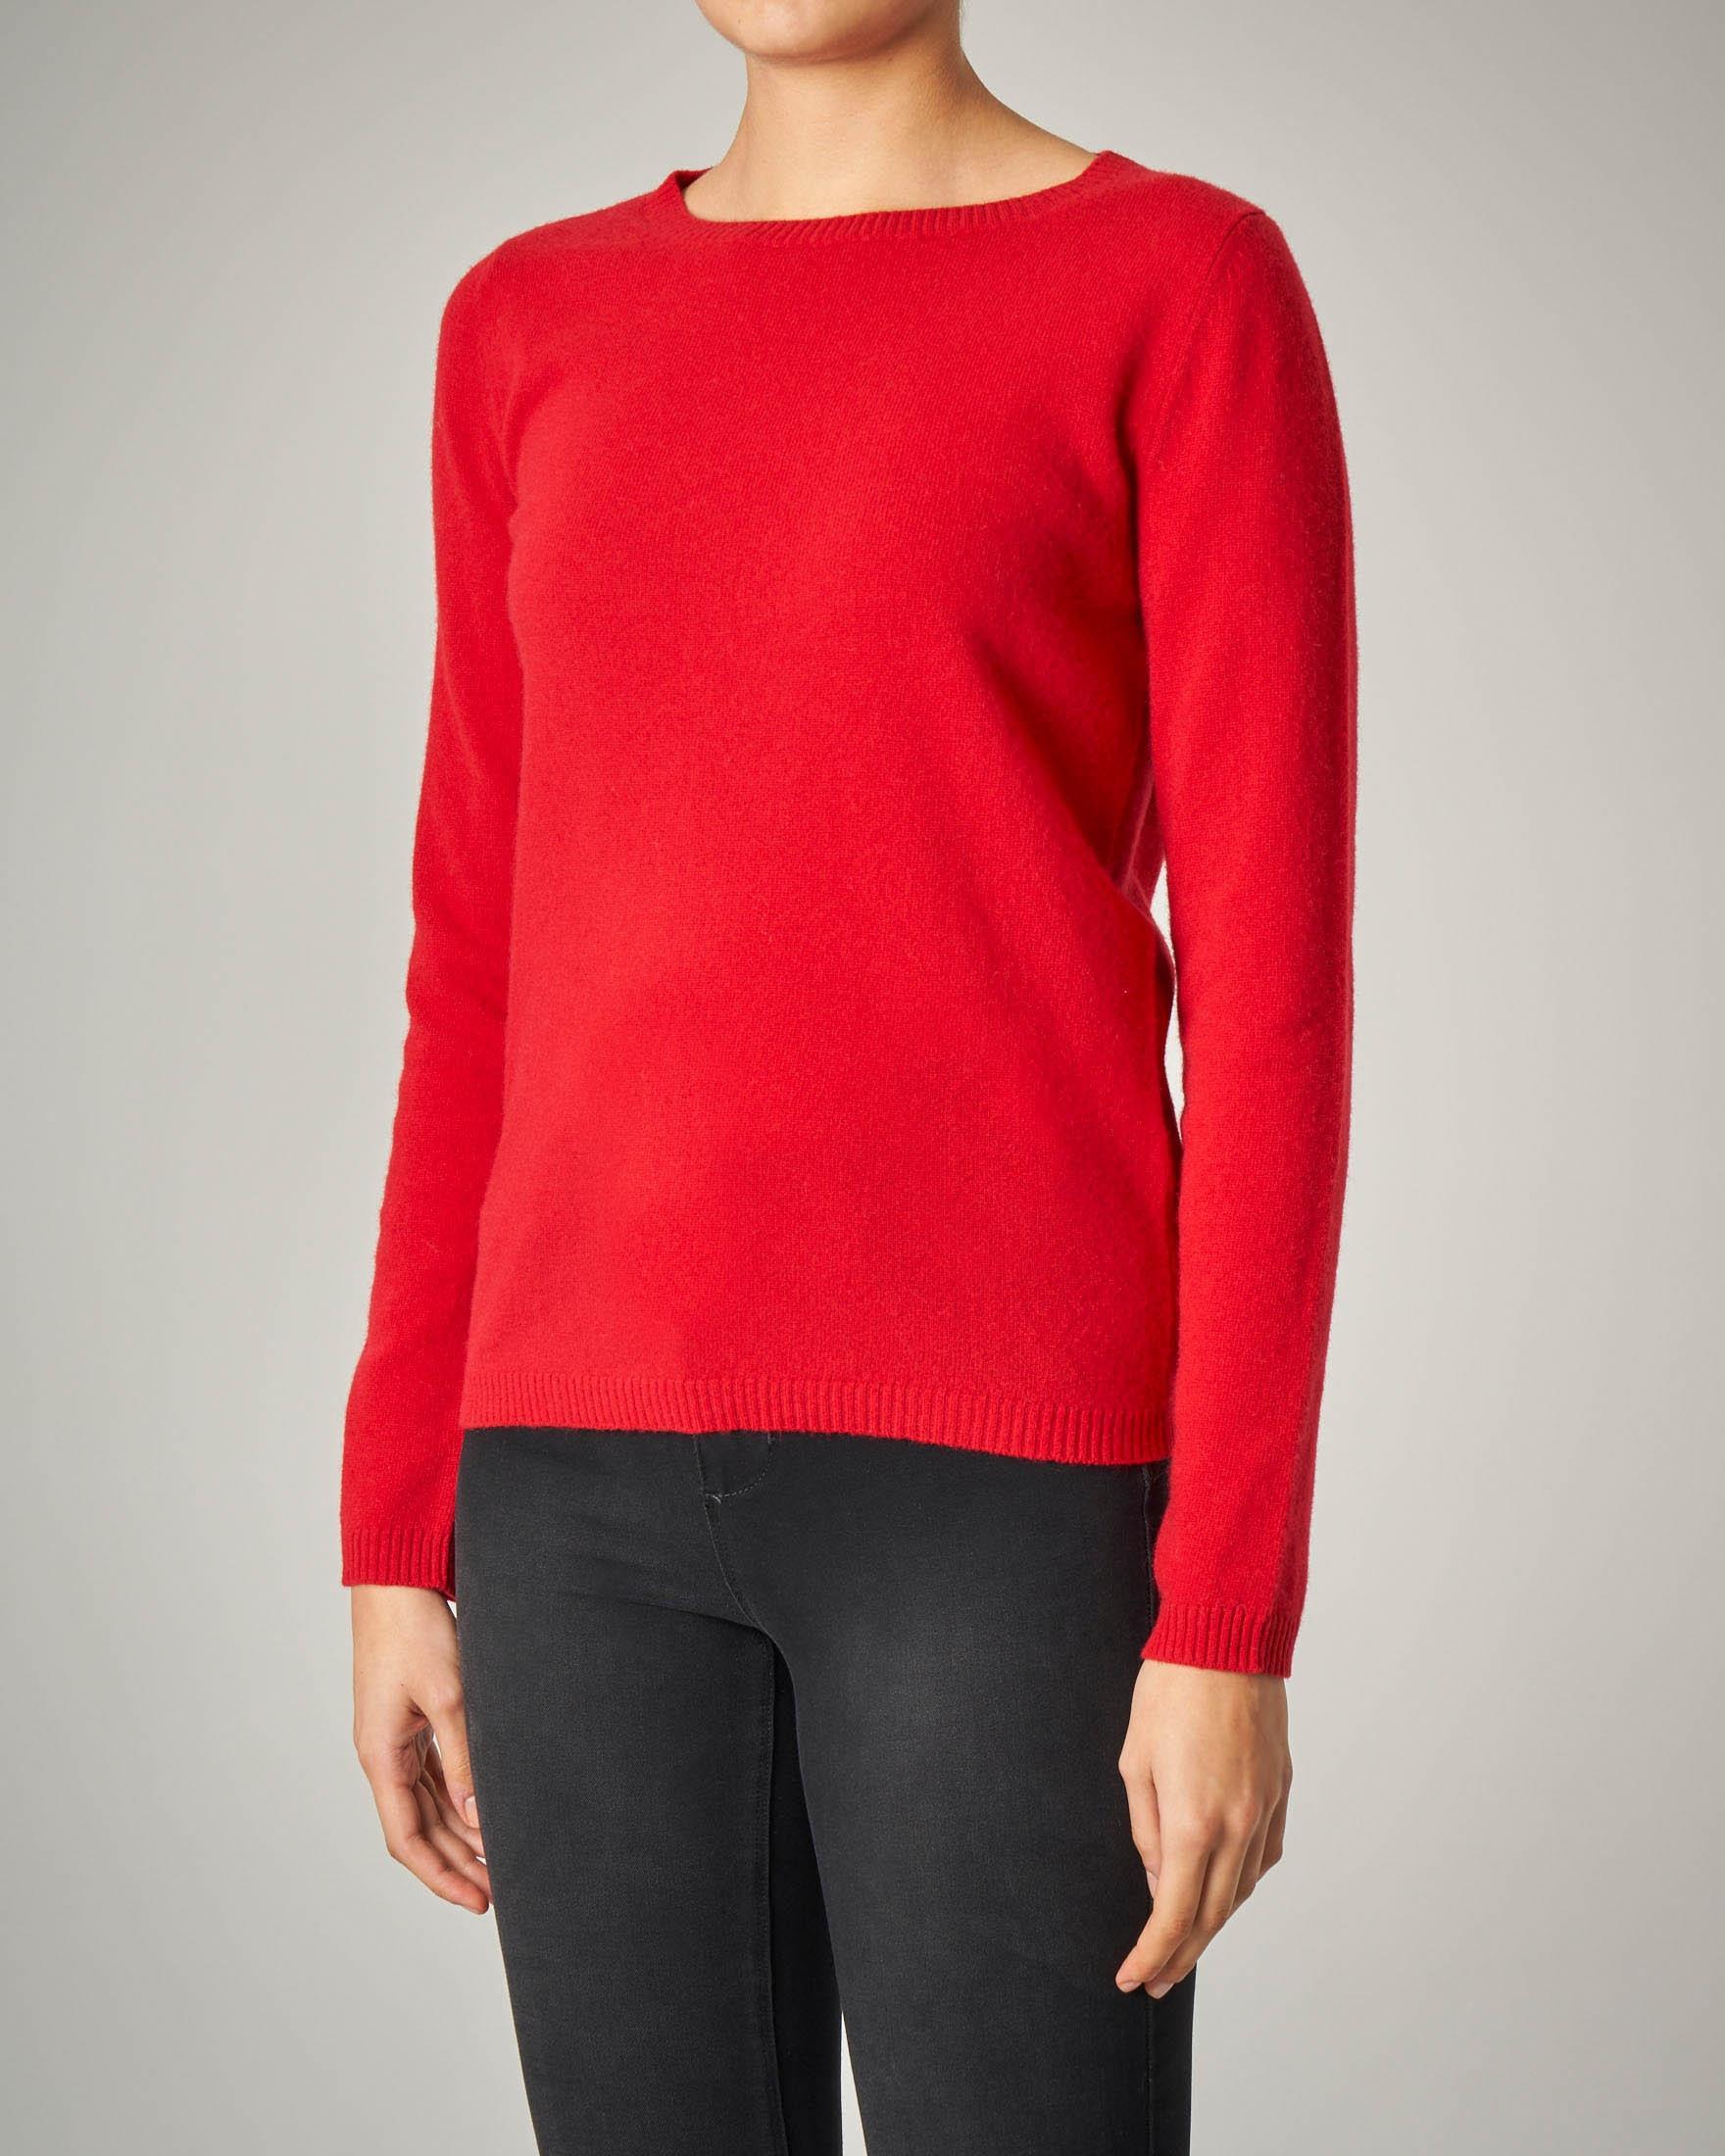 Maglia rossa girocollo in lana vergine